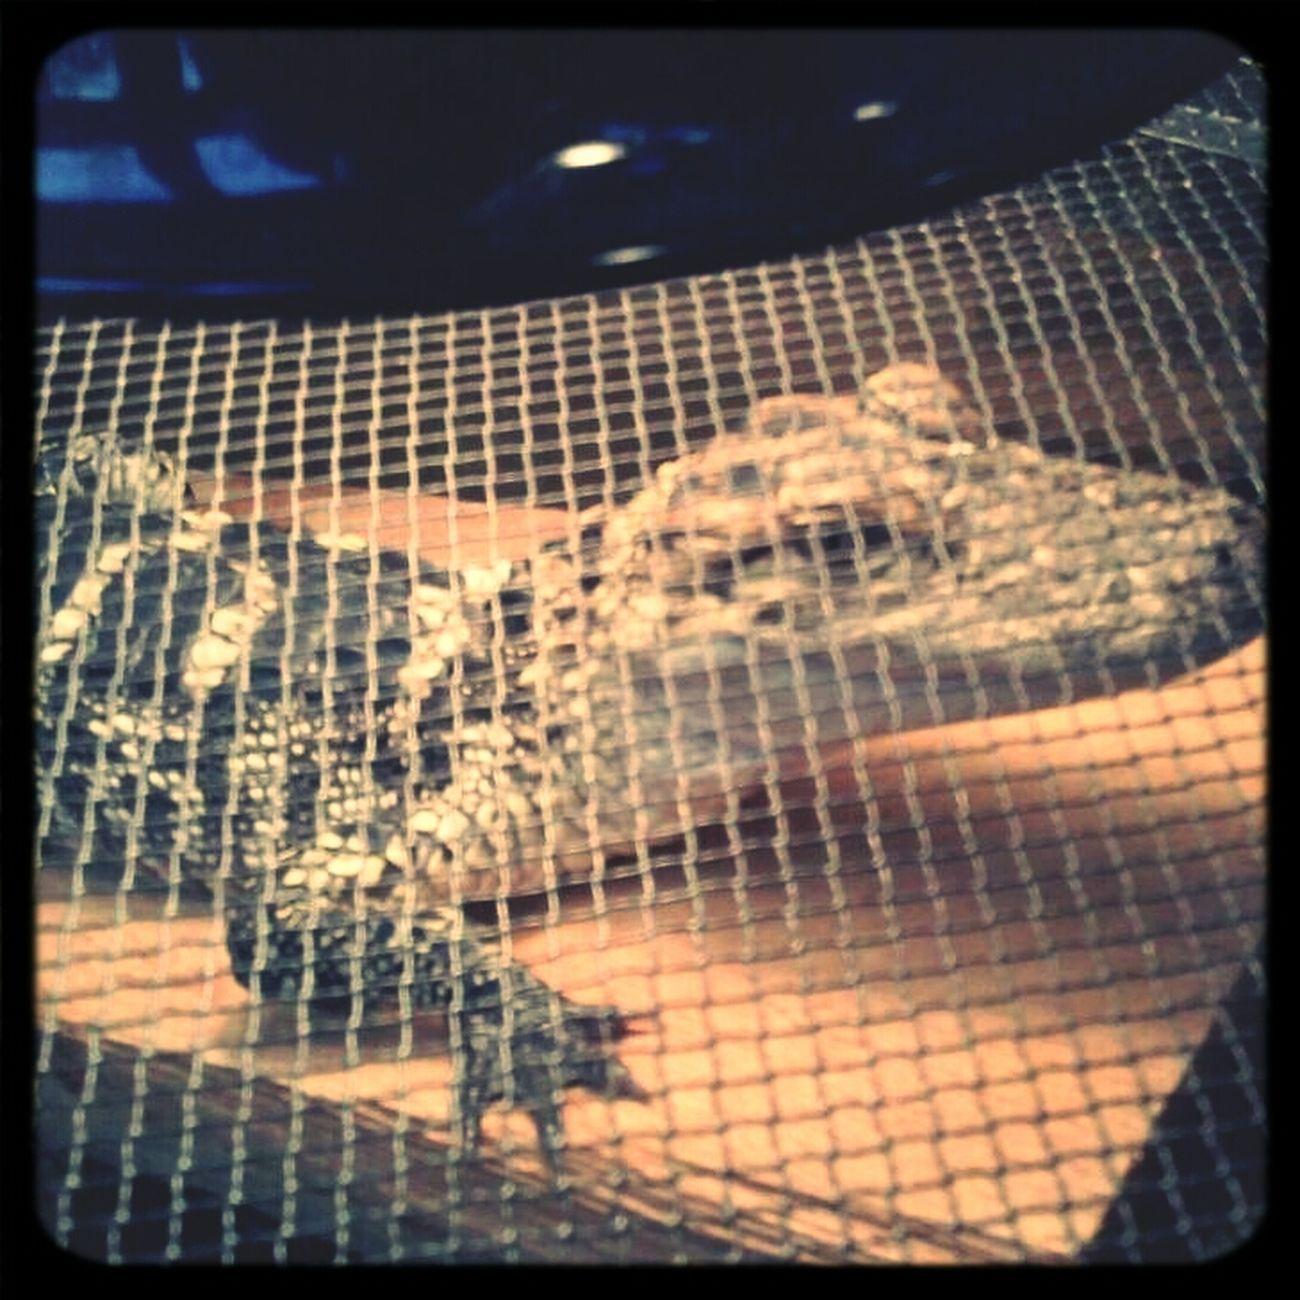 #alligator